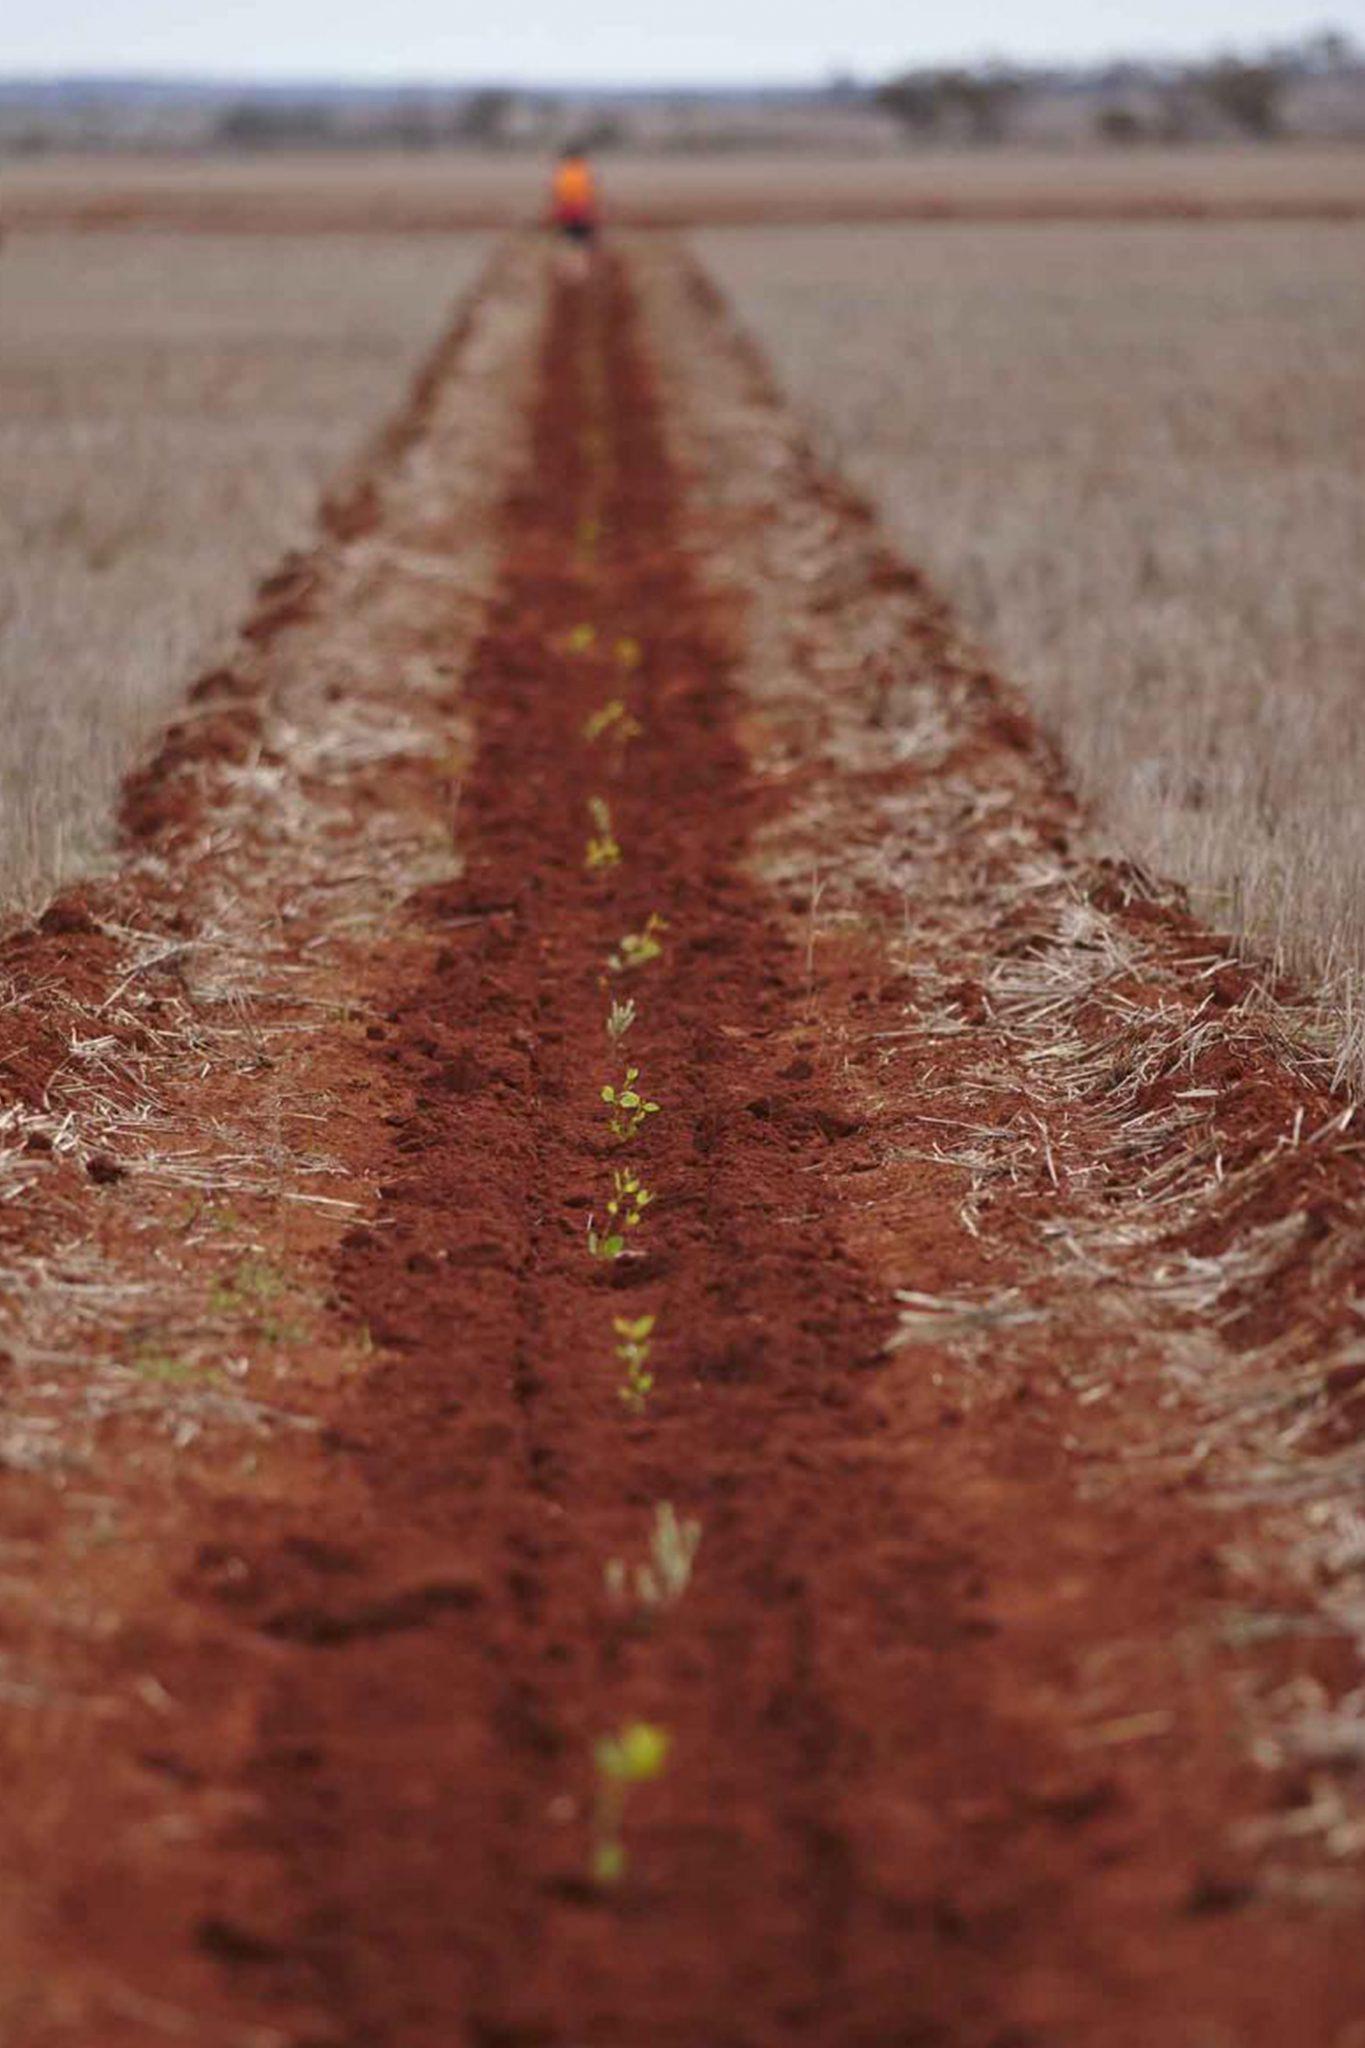 row of seedlings in dirt